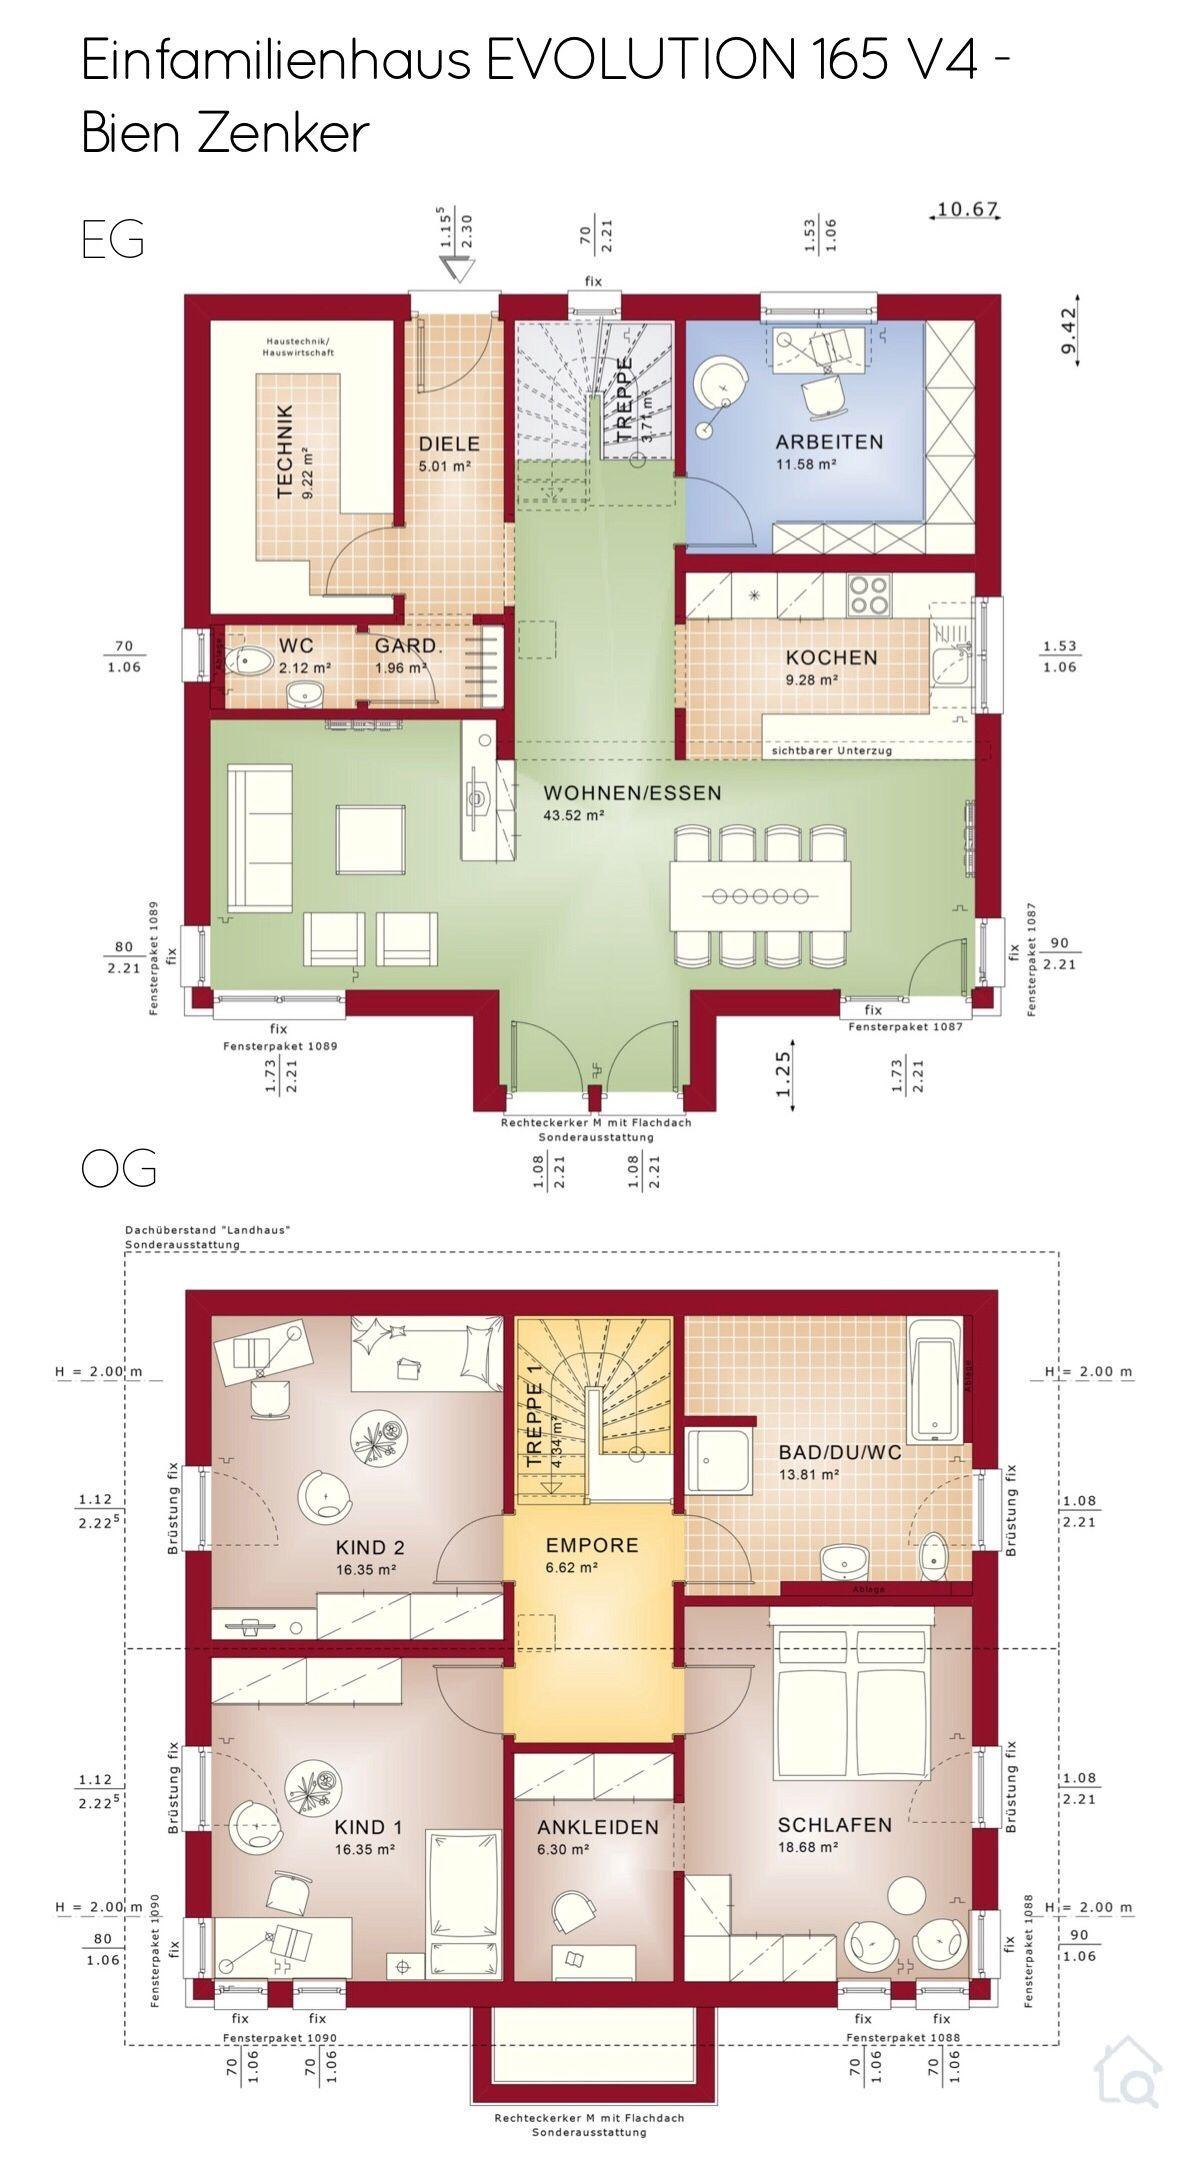 Grundriss Einfamilienhaus Neubau modern mit Satteldach